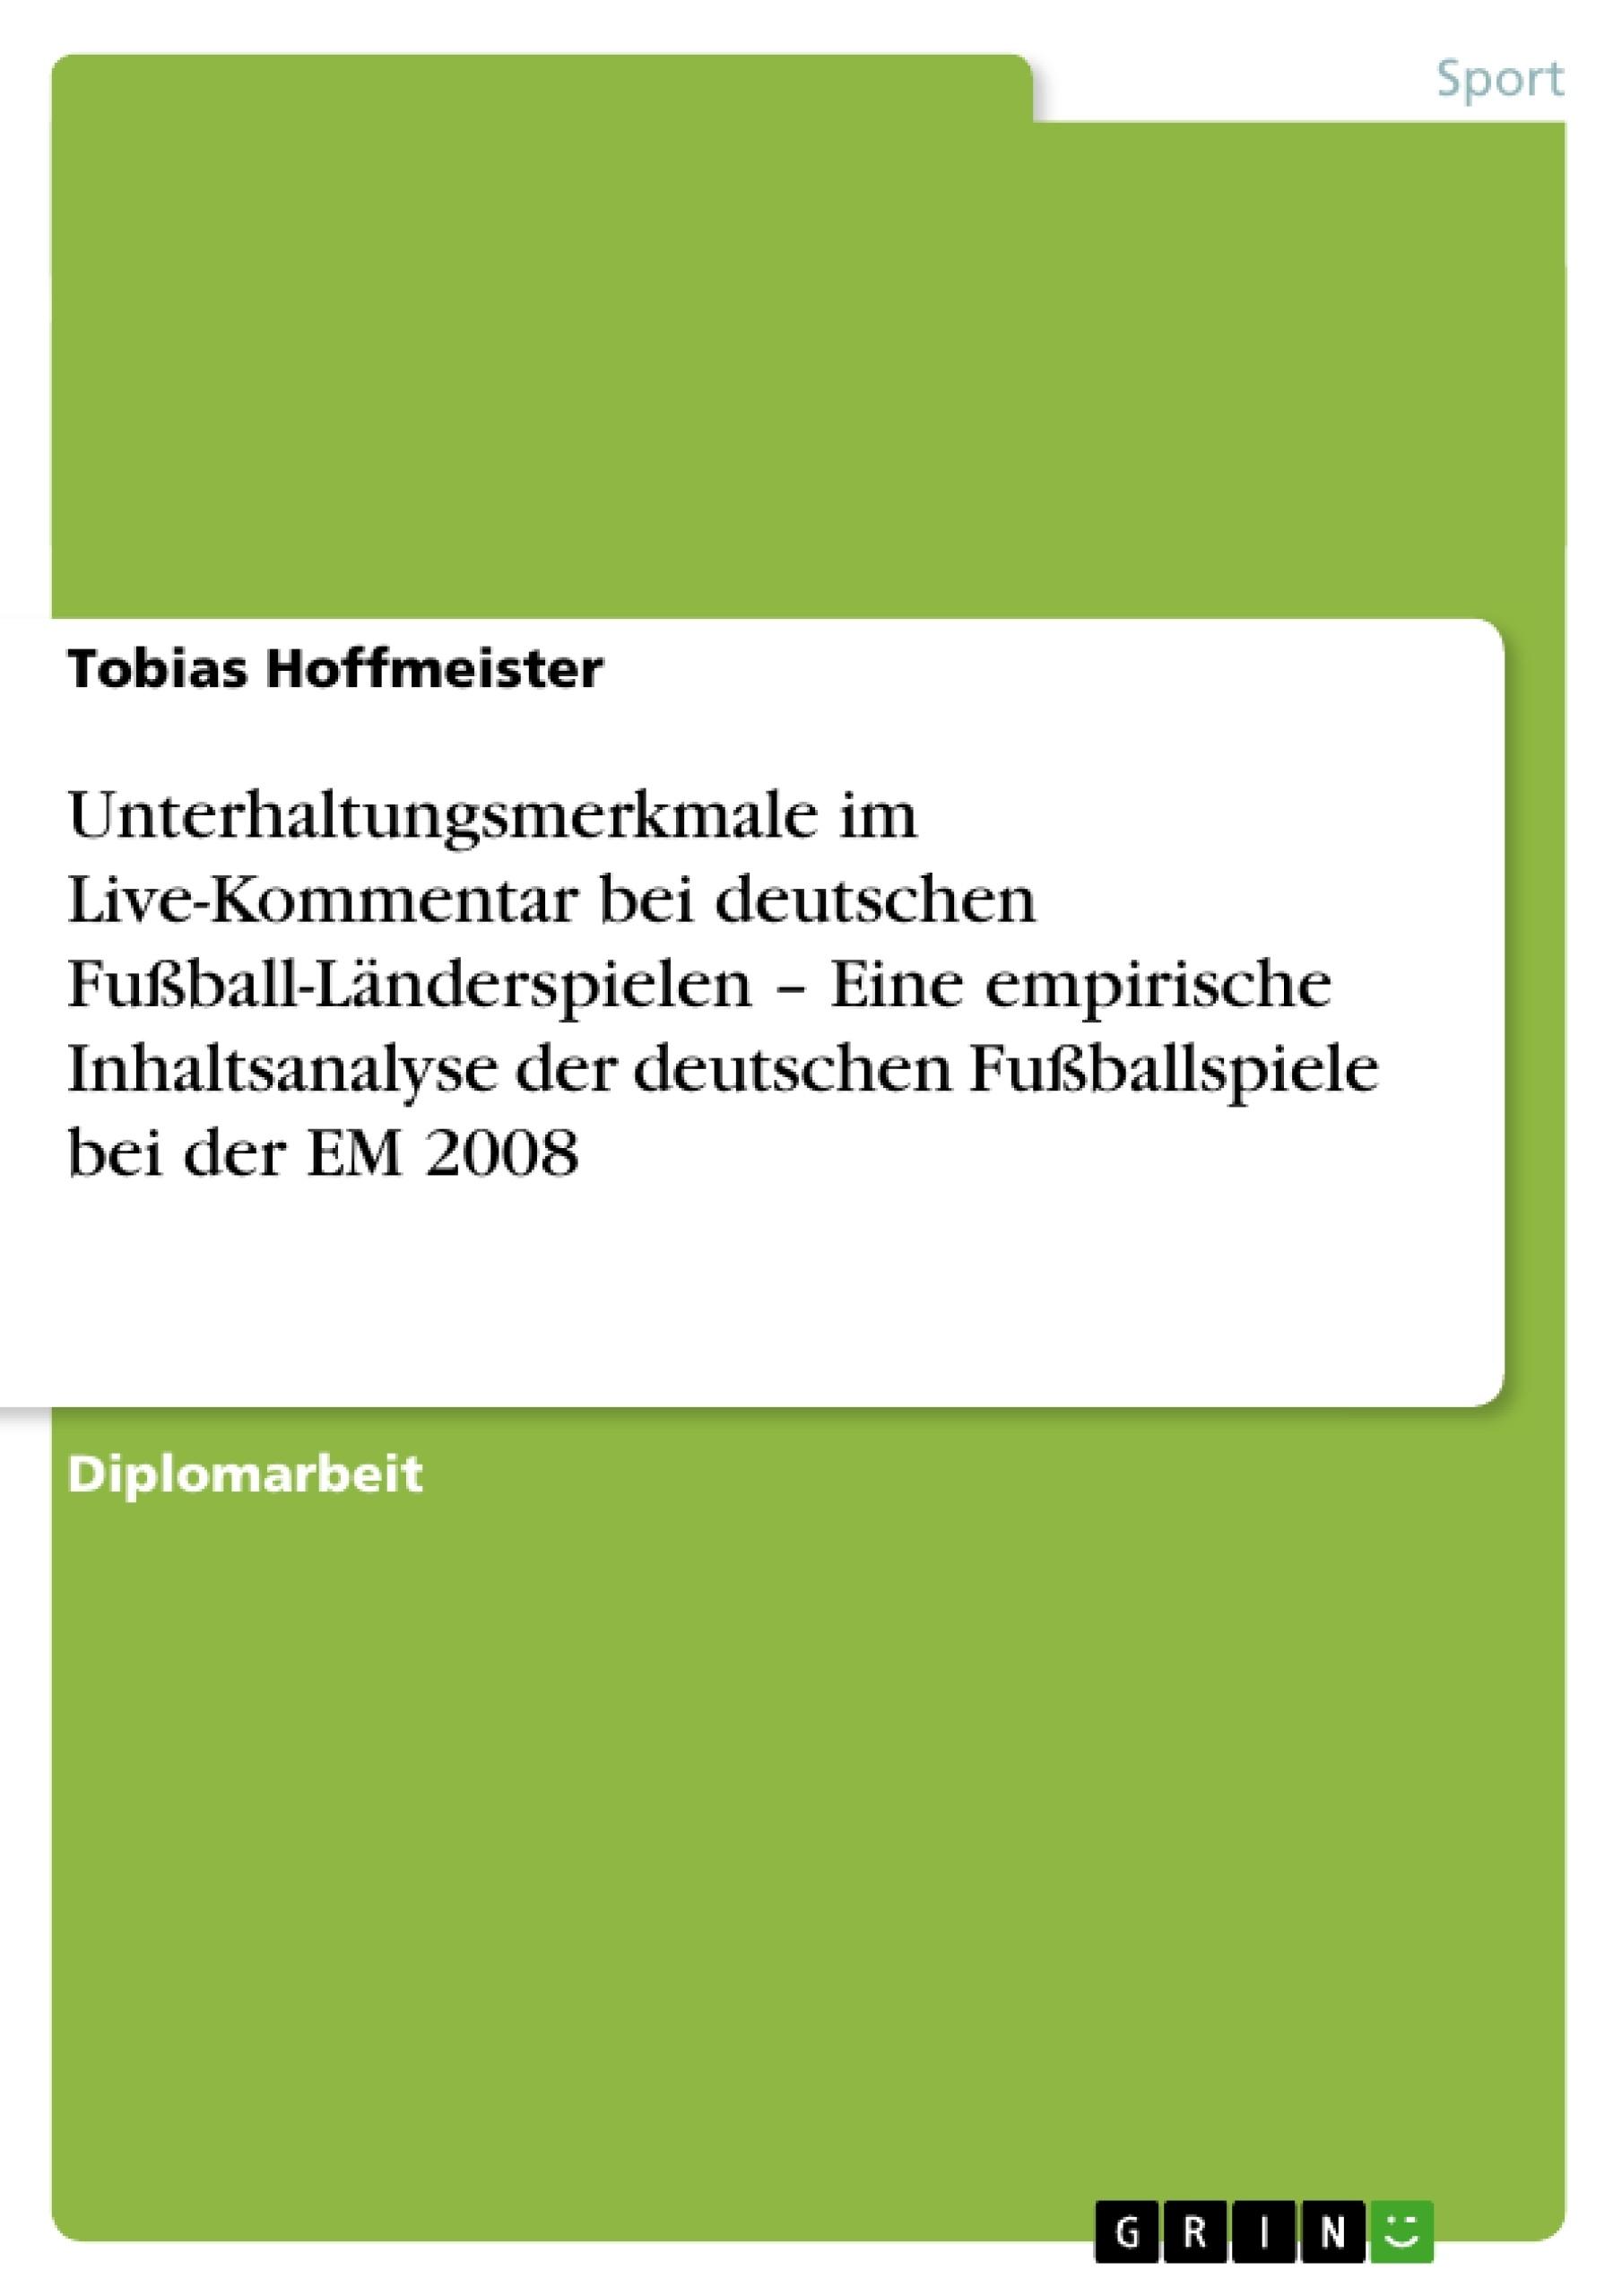 Titel: Unterhaltungsmerkmale im Live-Kommentar bei deutschen Fußball-Länderspielen – Eine empirische Inhaltsanalyse der deutschen Fußballspiele bei der EM 2008